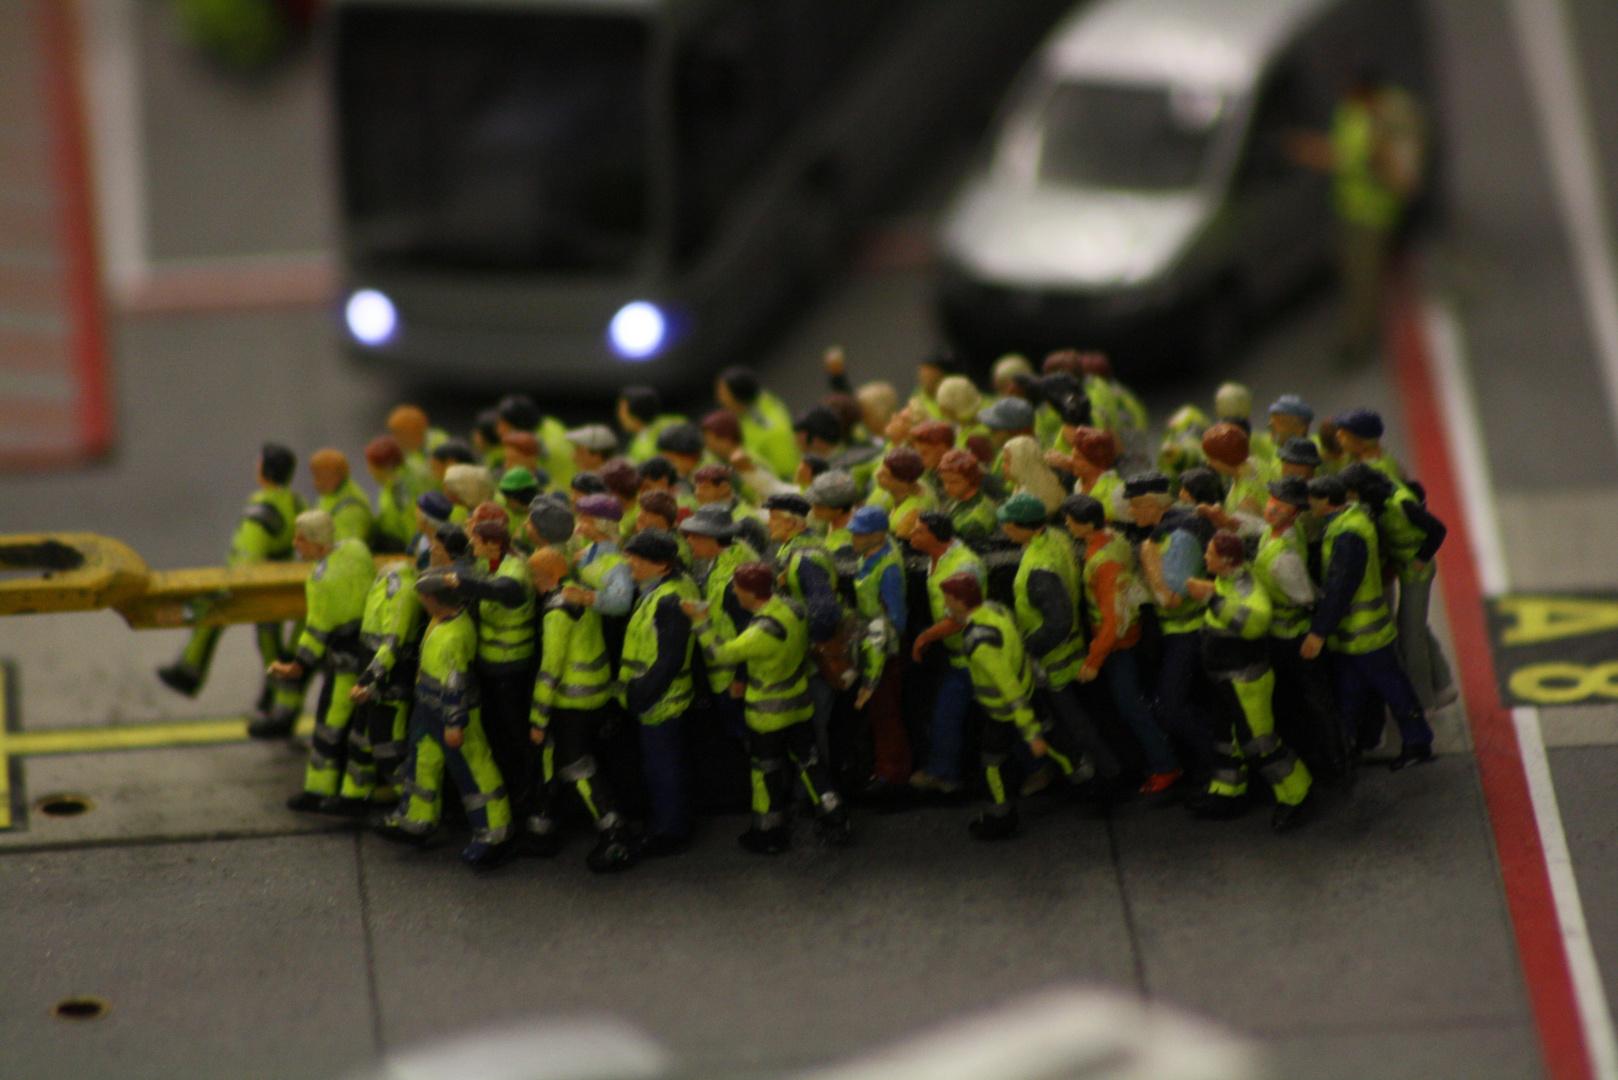 Wieder Warnstreiks am Flughafen - wie viele Flüge werden ausfallen?